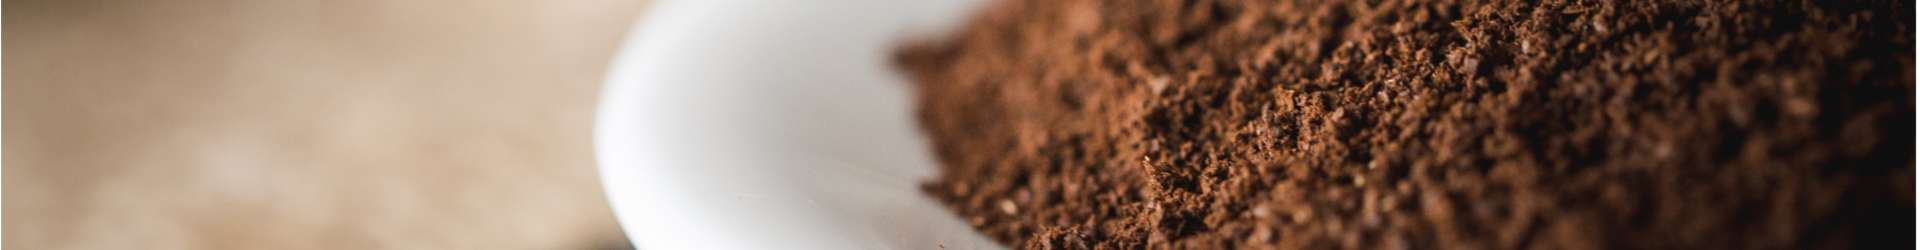 Hier findest Du alles rund um die Arten der Kaffeezubereitung